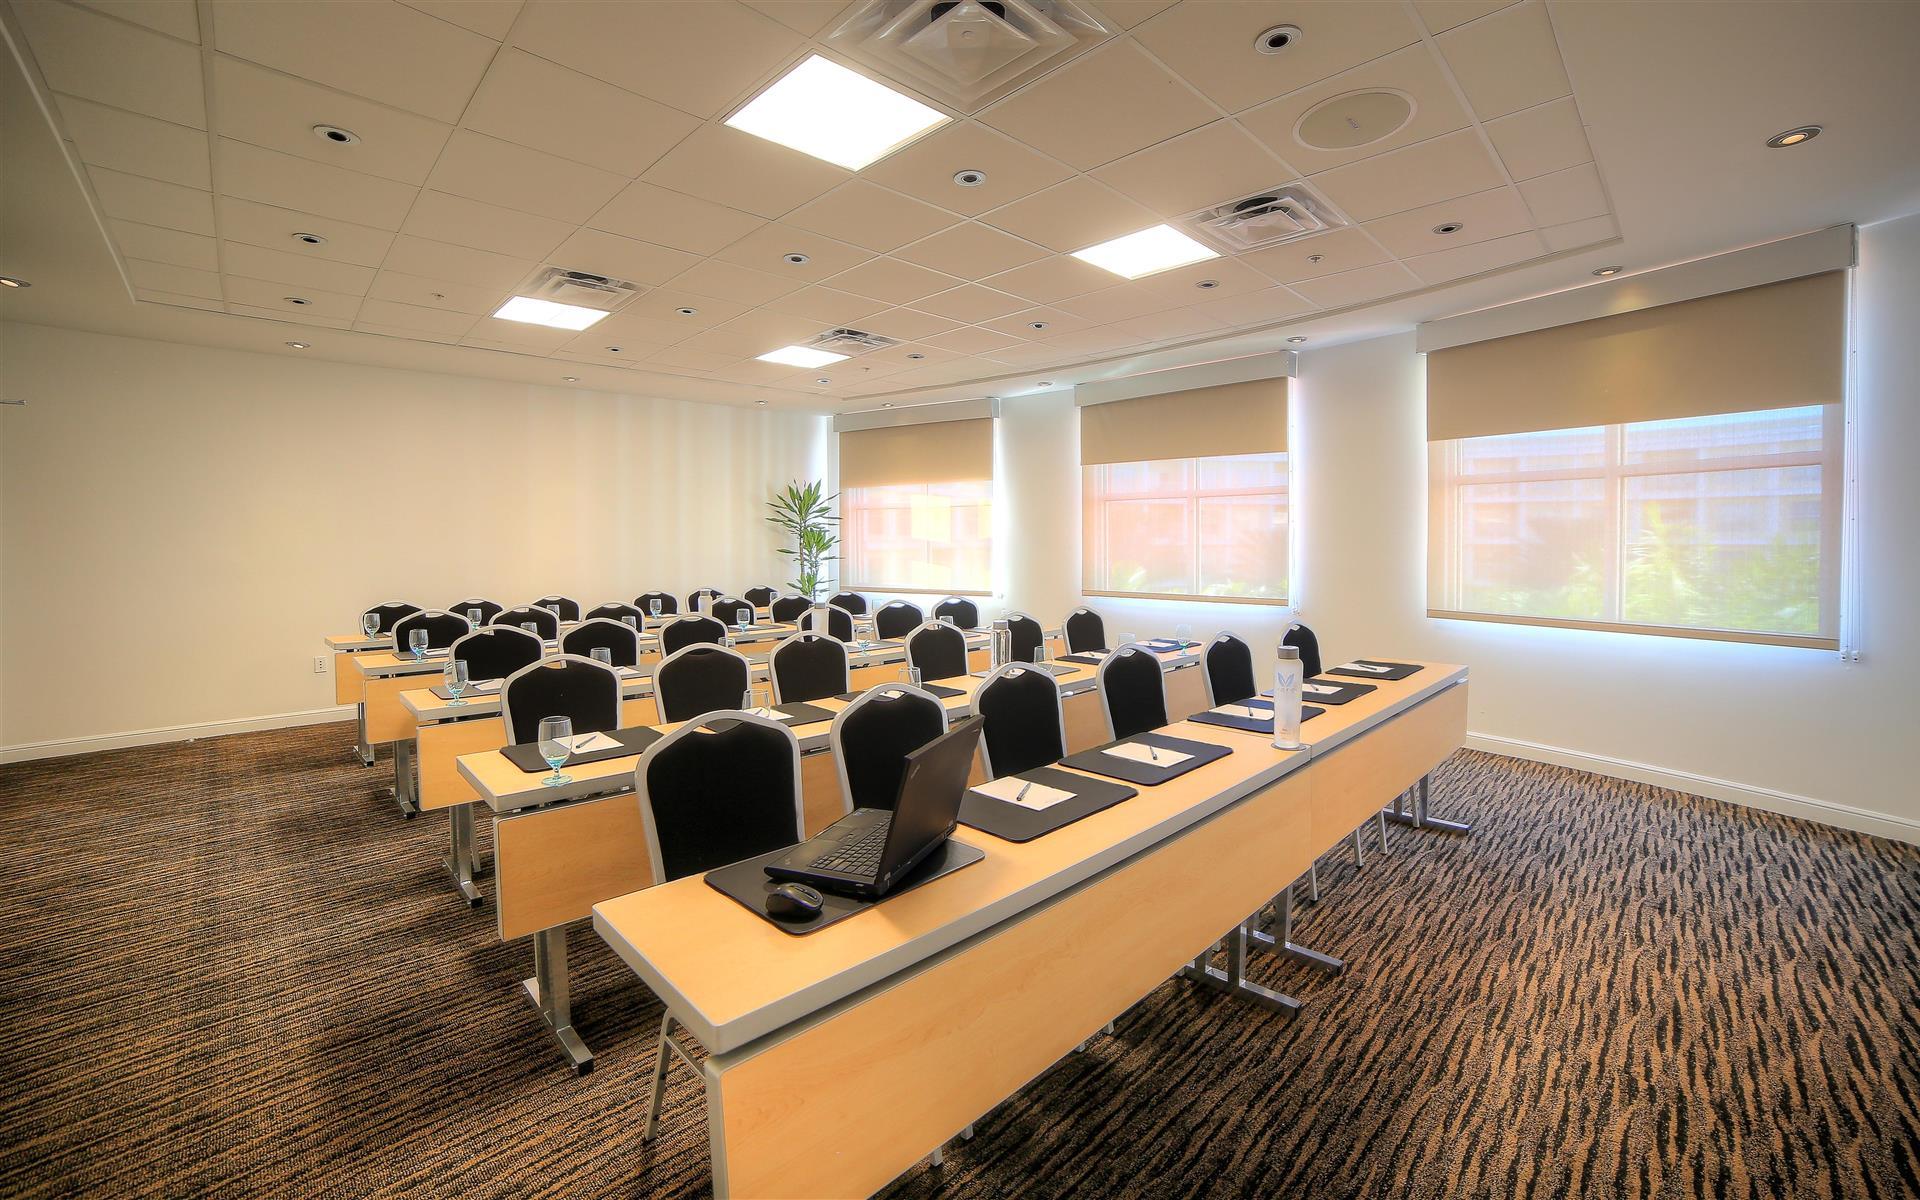 Melia Orlando Suite Hotel at Celebration - 90 Executive Boardroom